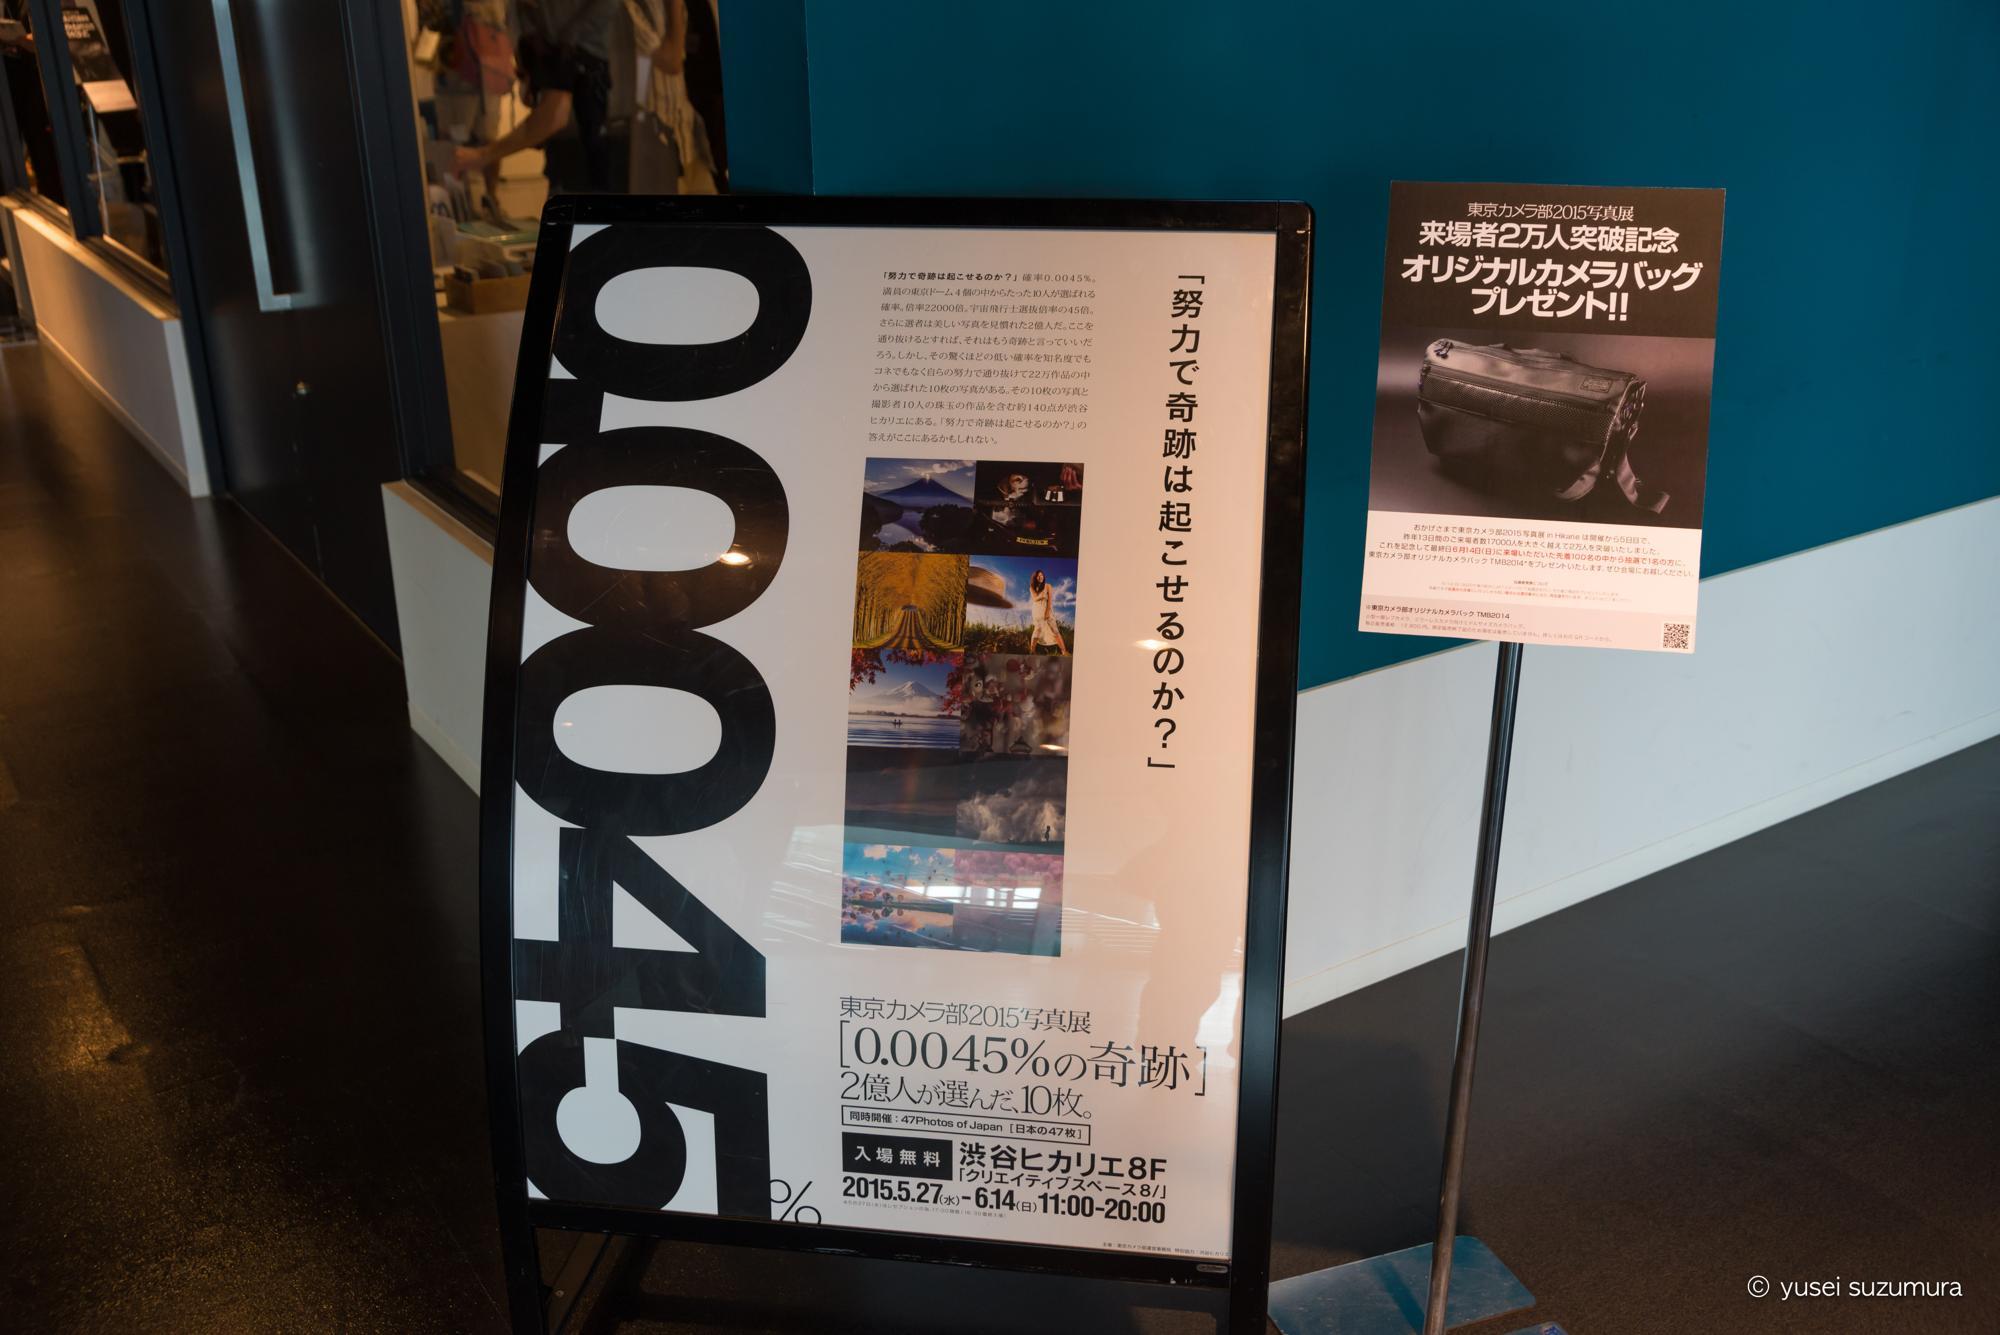 東京カメラ部の写真展に行ってきました。クオリティ高い!